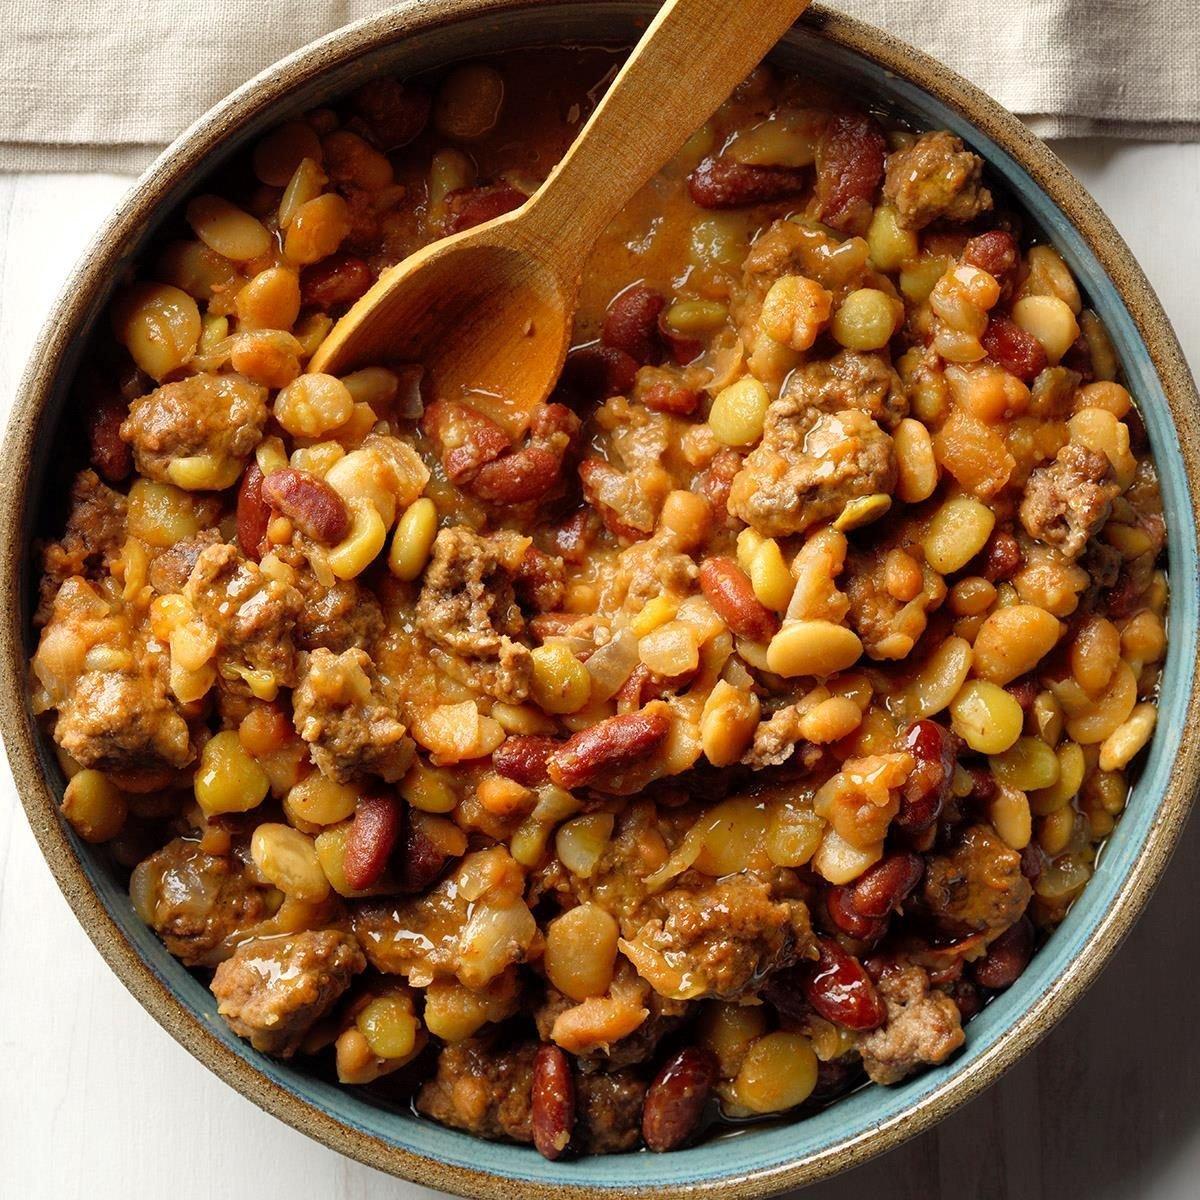 Calico Bean Casserole Recipe